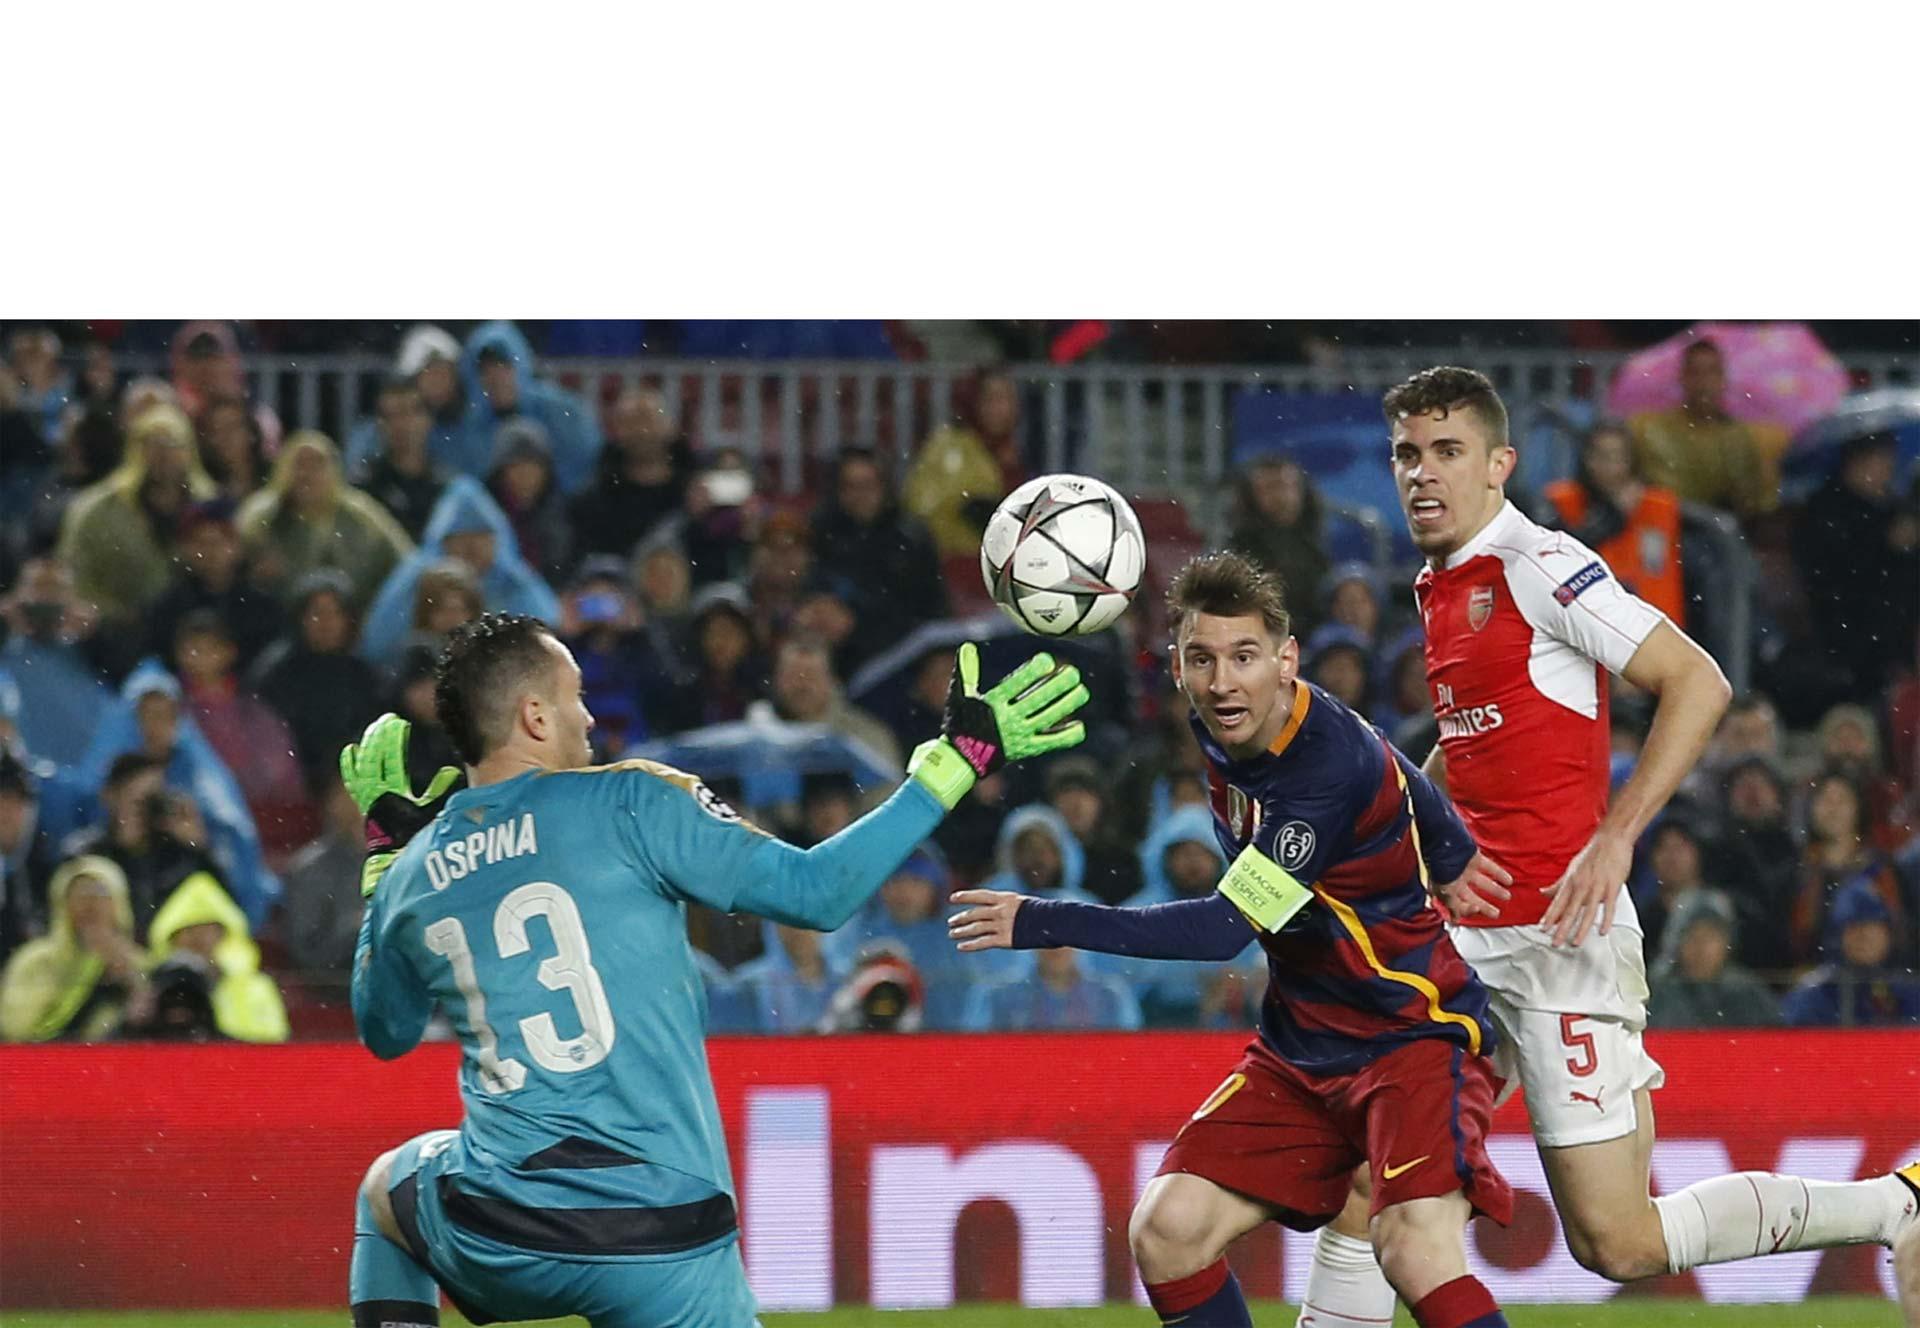 Habrá un duelo español, entre el Barcelona y el Atlético de Madrid. Otro choque atractivo será el de los acaudalados PSG y Manchester City